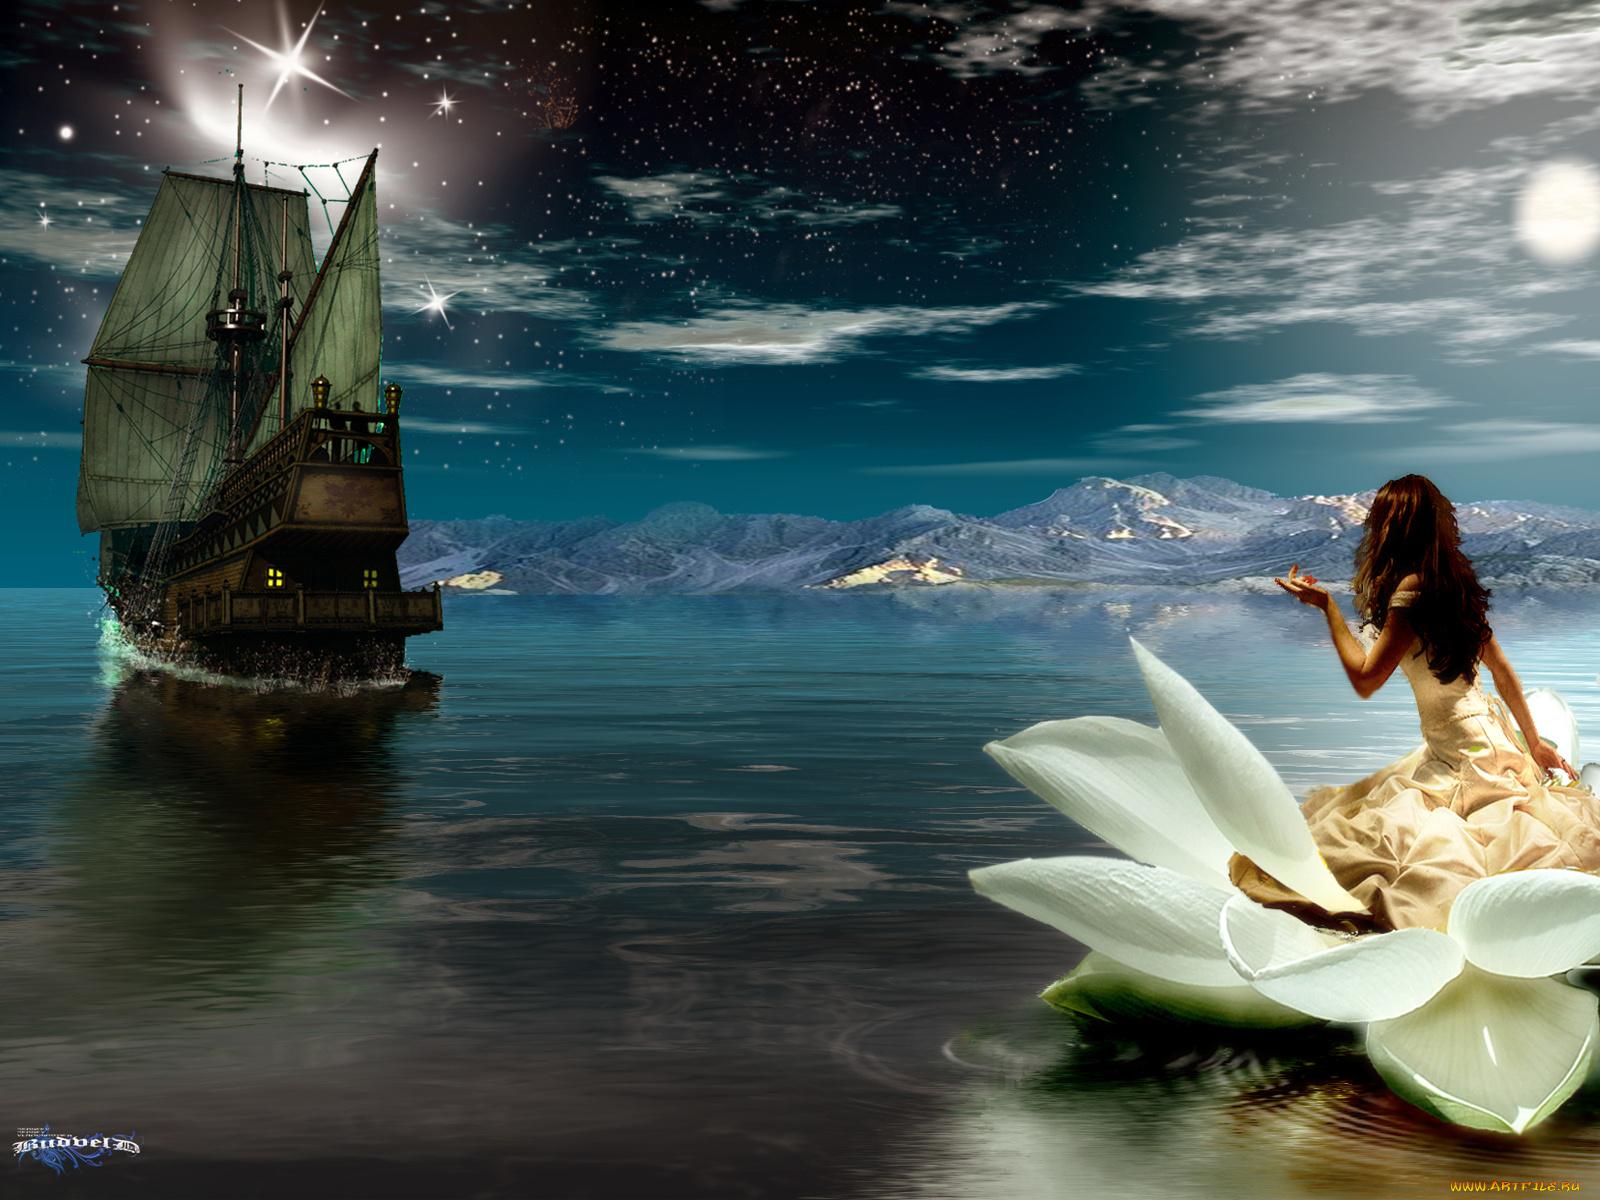 Фото девушка ждет корабль